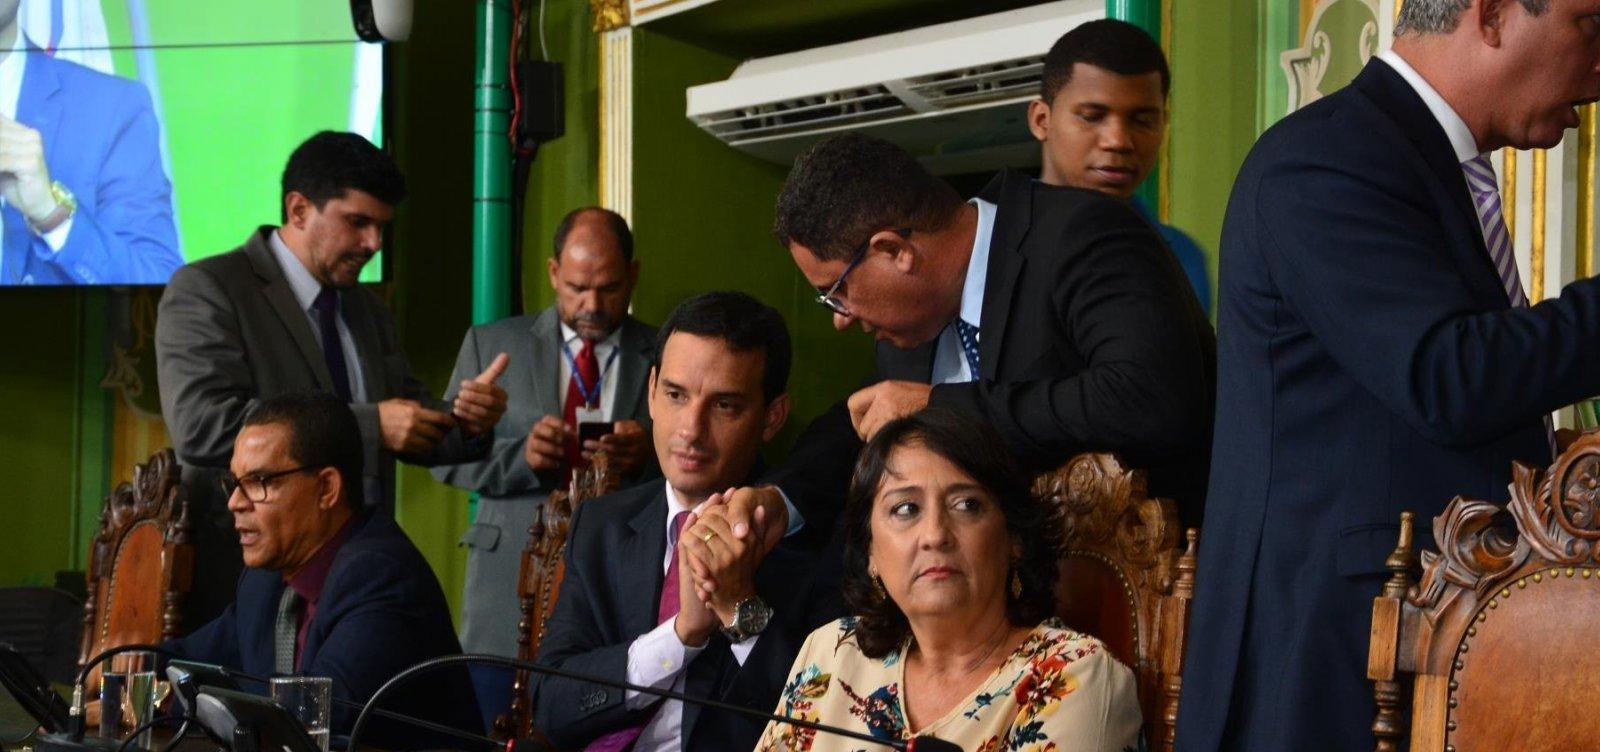 Câmara de Salvador aprova projeto que batiza rua de Marielle Franco